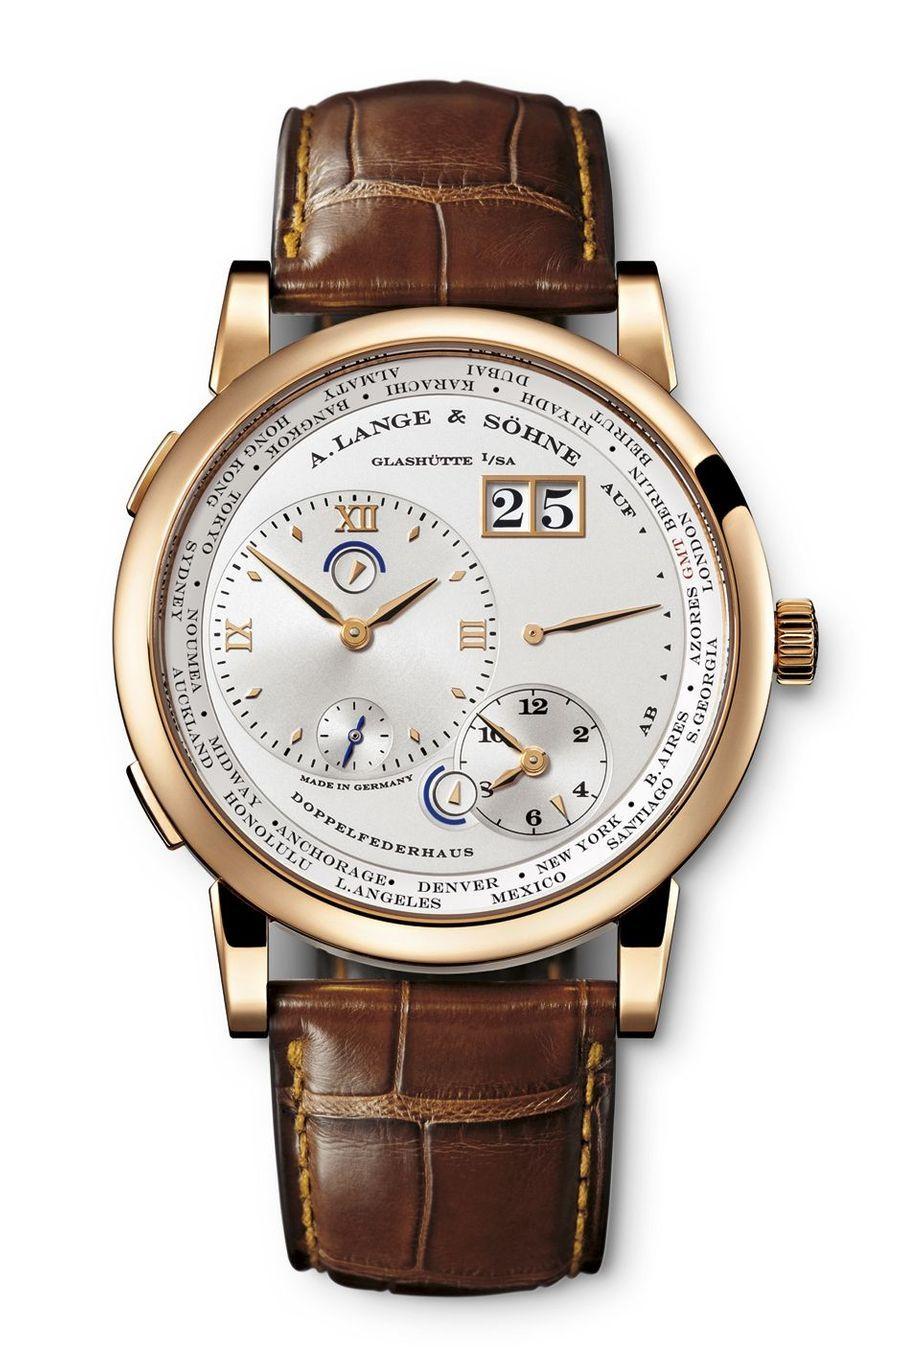 Lange 1 Fuseaux Horaires en or gris, mouvement à remontage manuel, bracelet en alligator, 44 400 €. A Lange & Söhne.